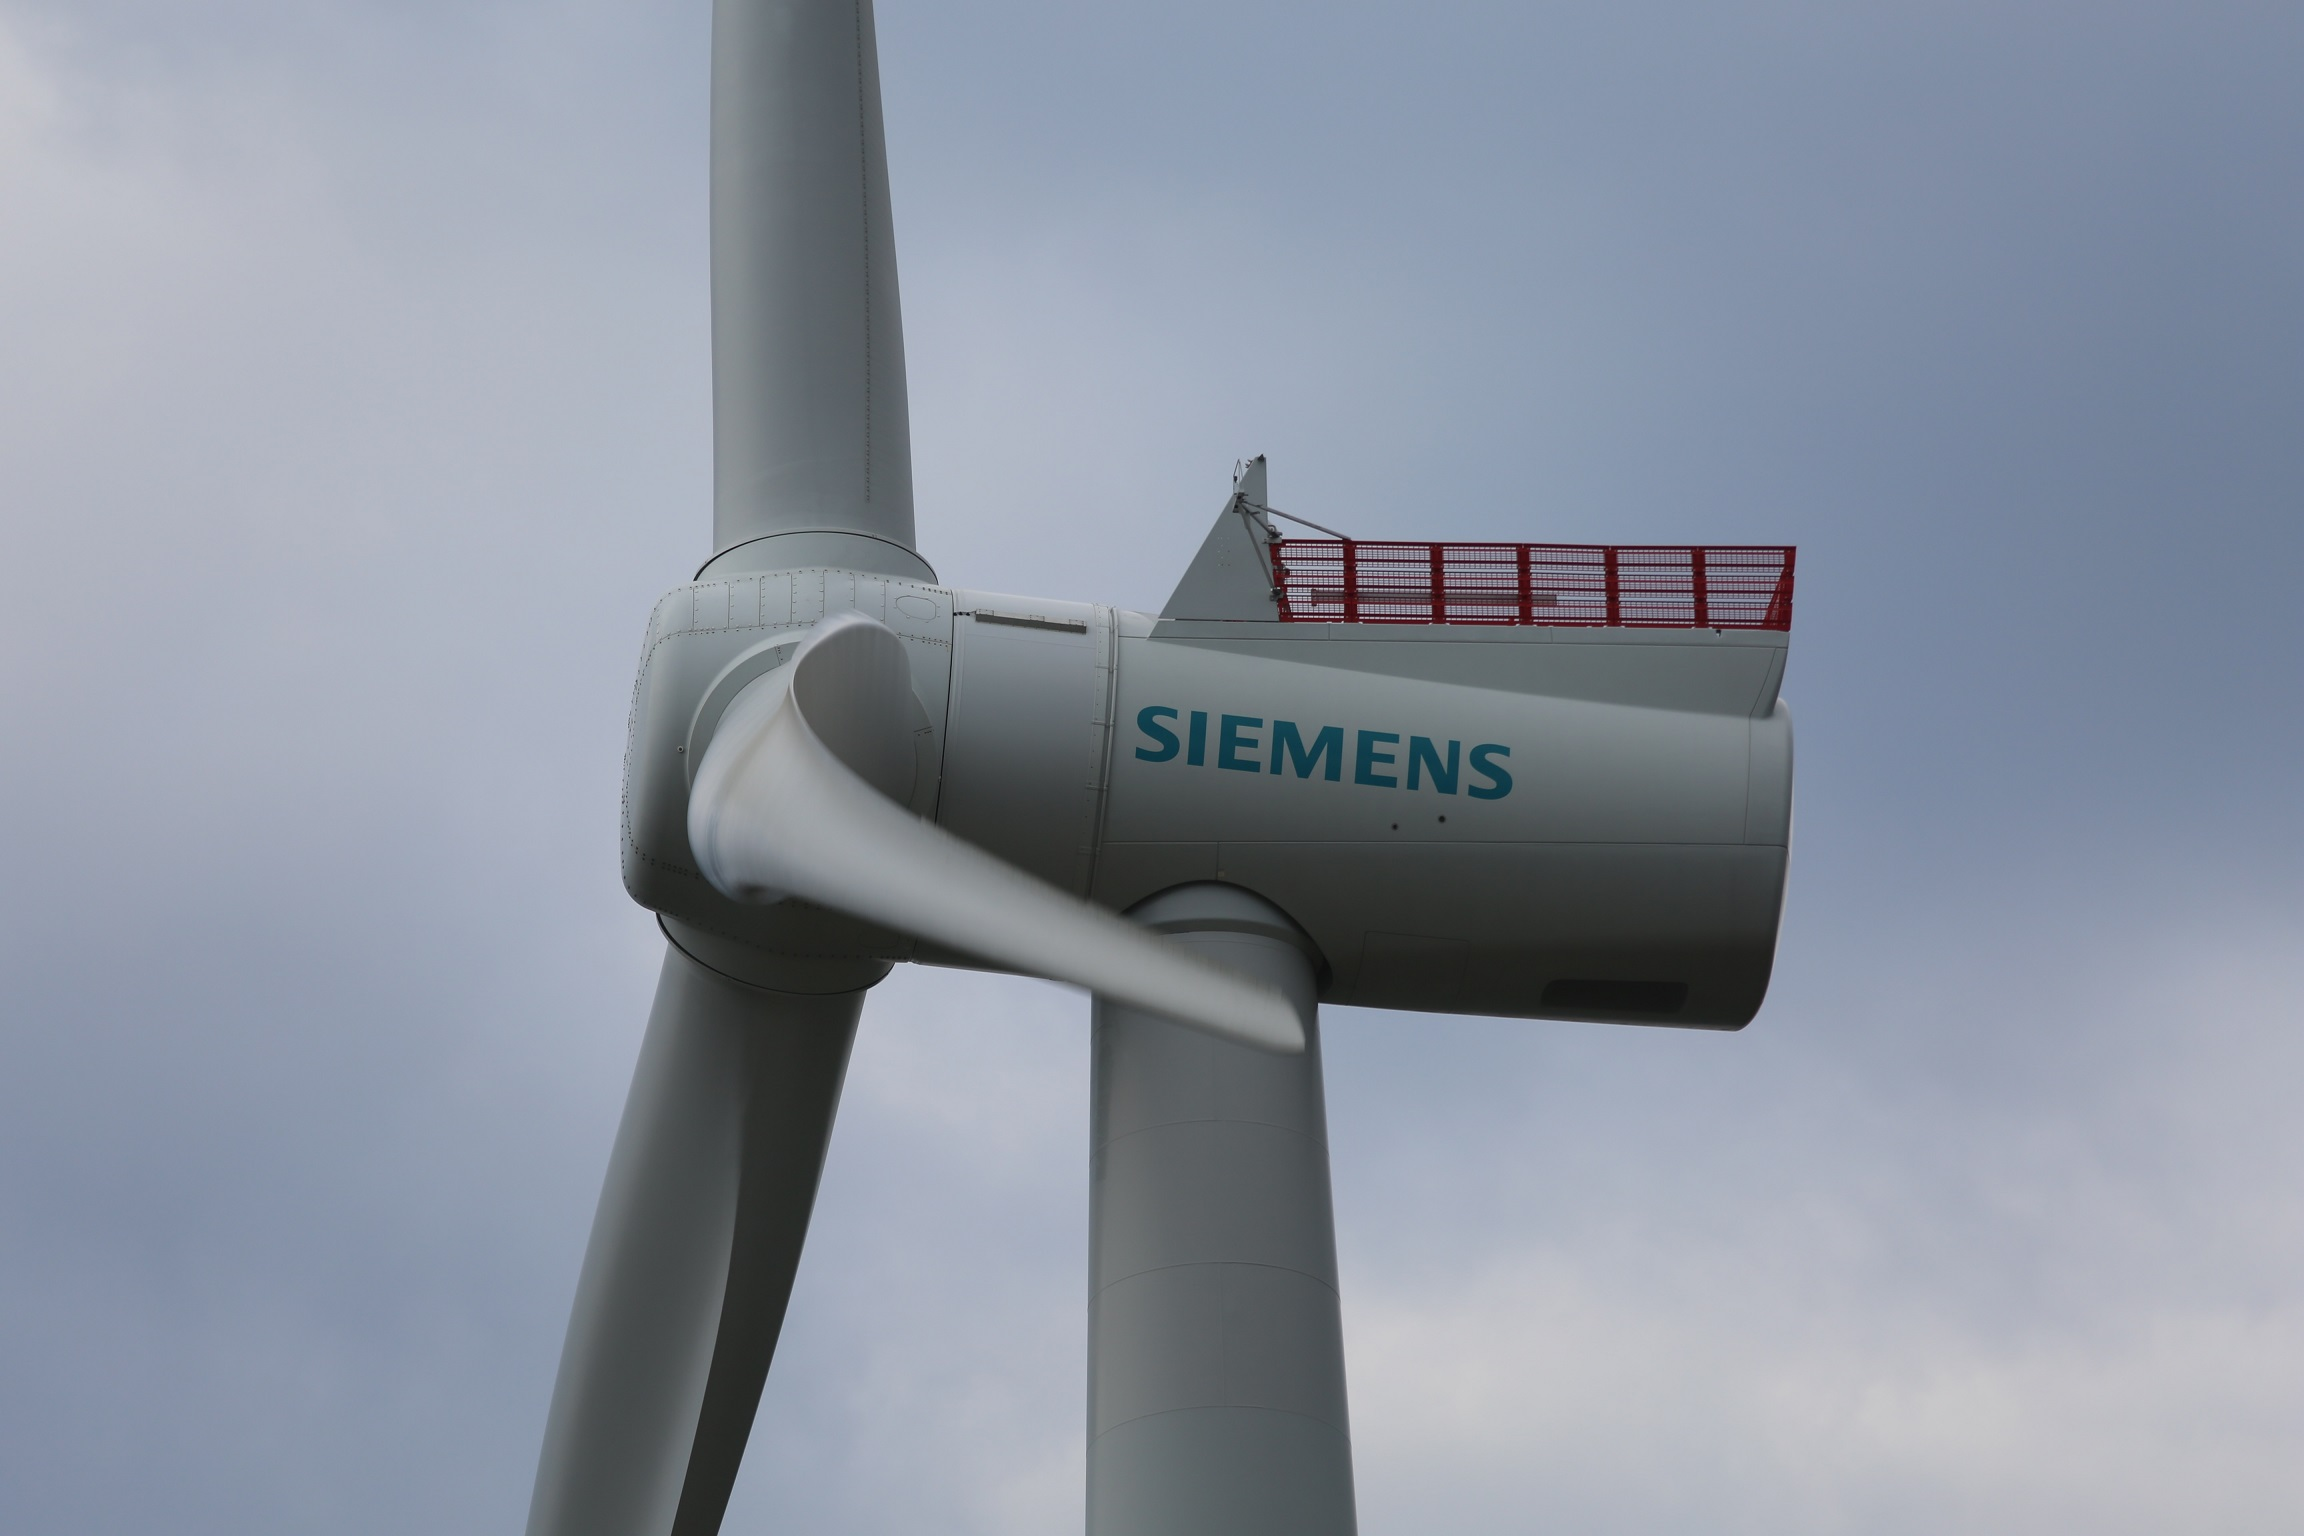 Siemens SWT-7.0-154 - 7,00 MW - Wind turbine